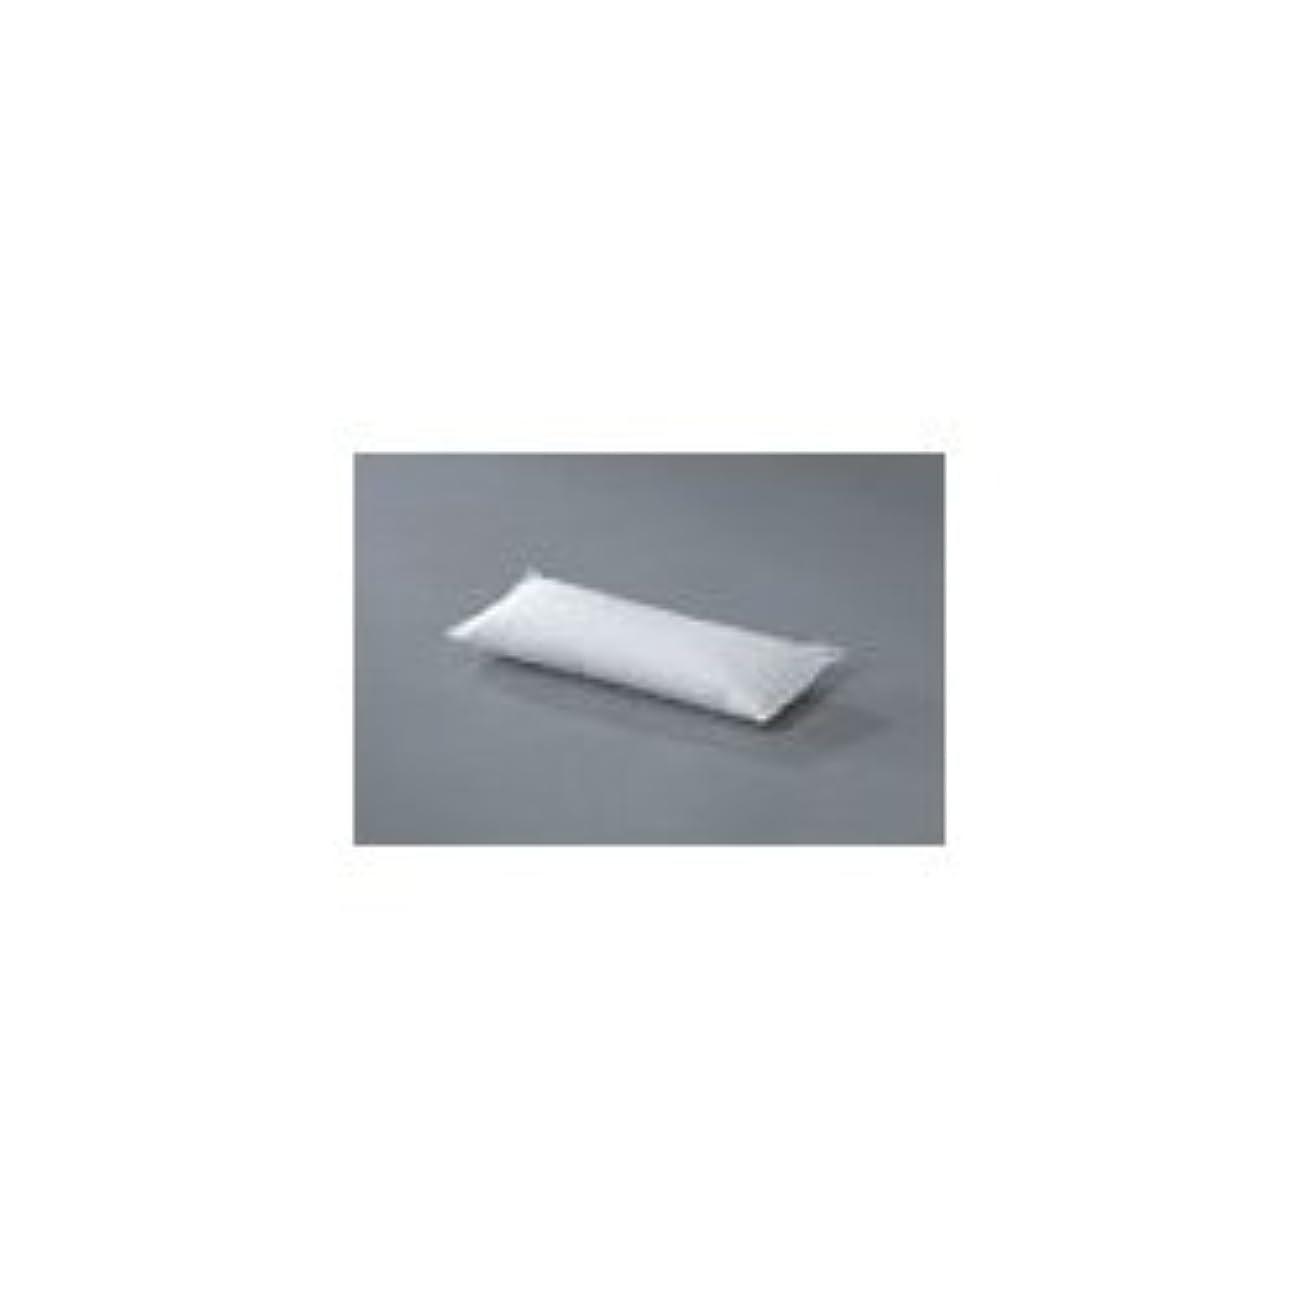 タンク傾いた境界ジャノメ 24時間風呂 クリーンバスユニット専用電解促進剤 CLパック 7袋 (クリーンパック)